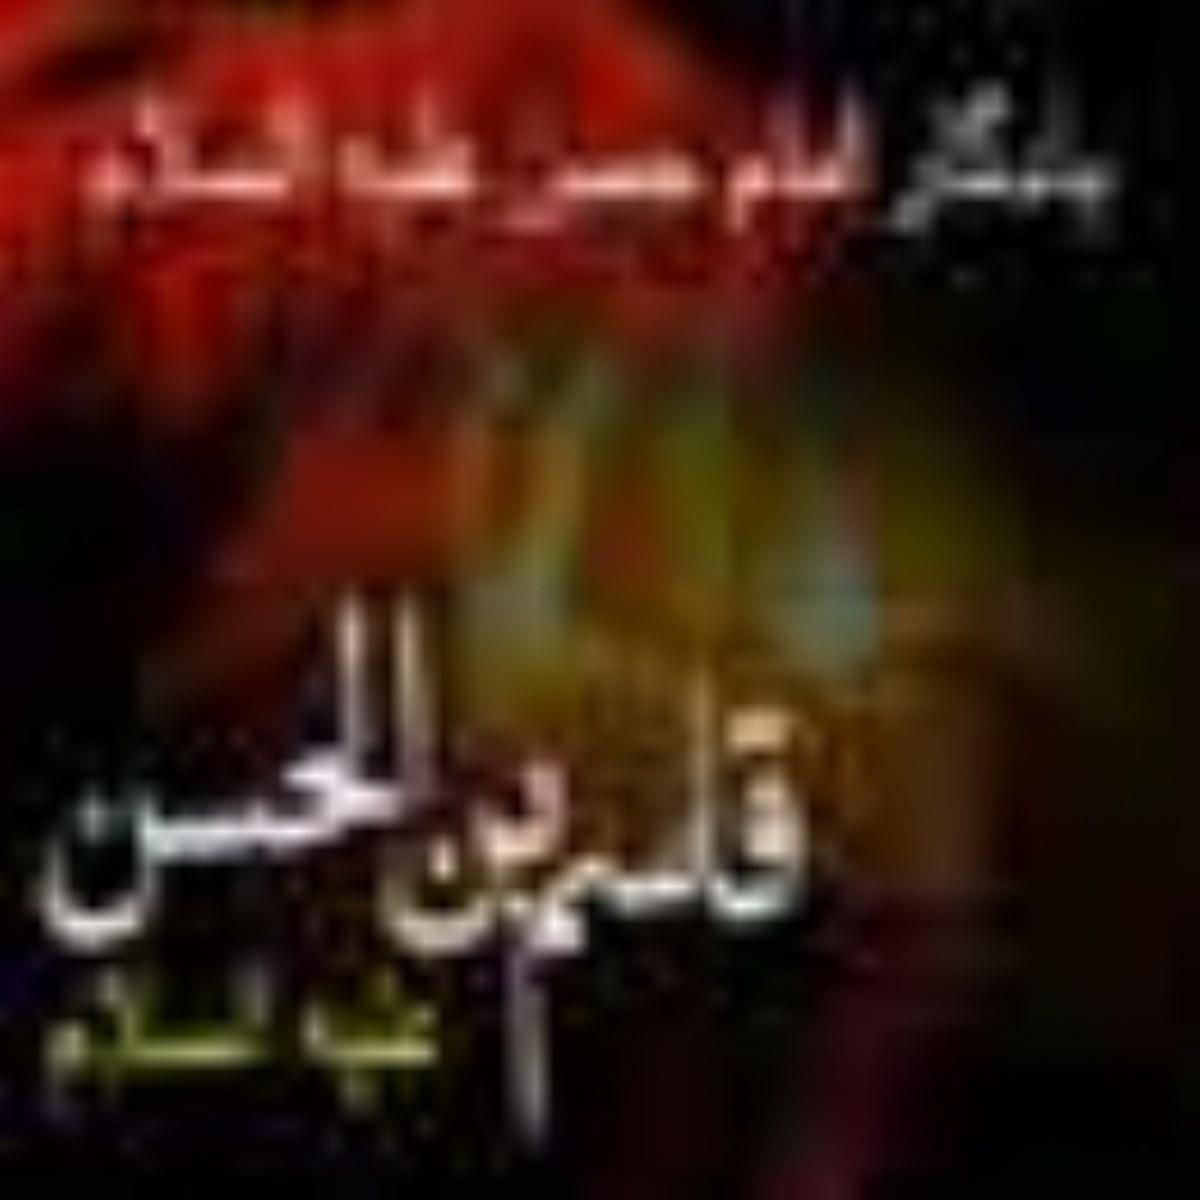 یادگار امام حسن (ع) در روز عاشورا